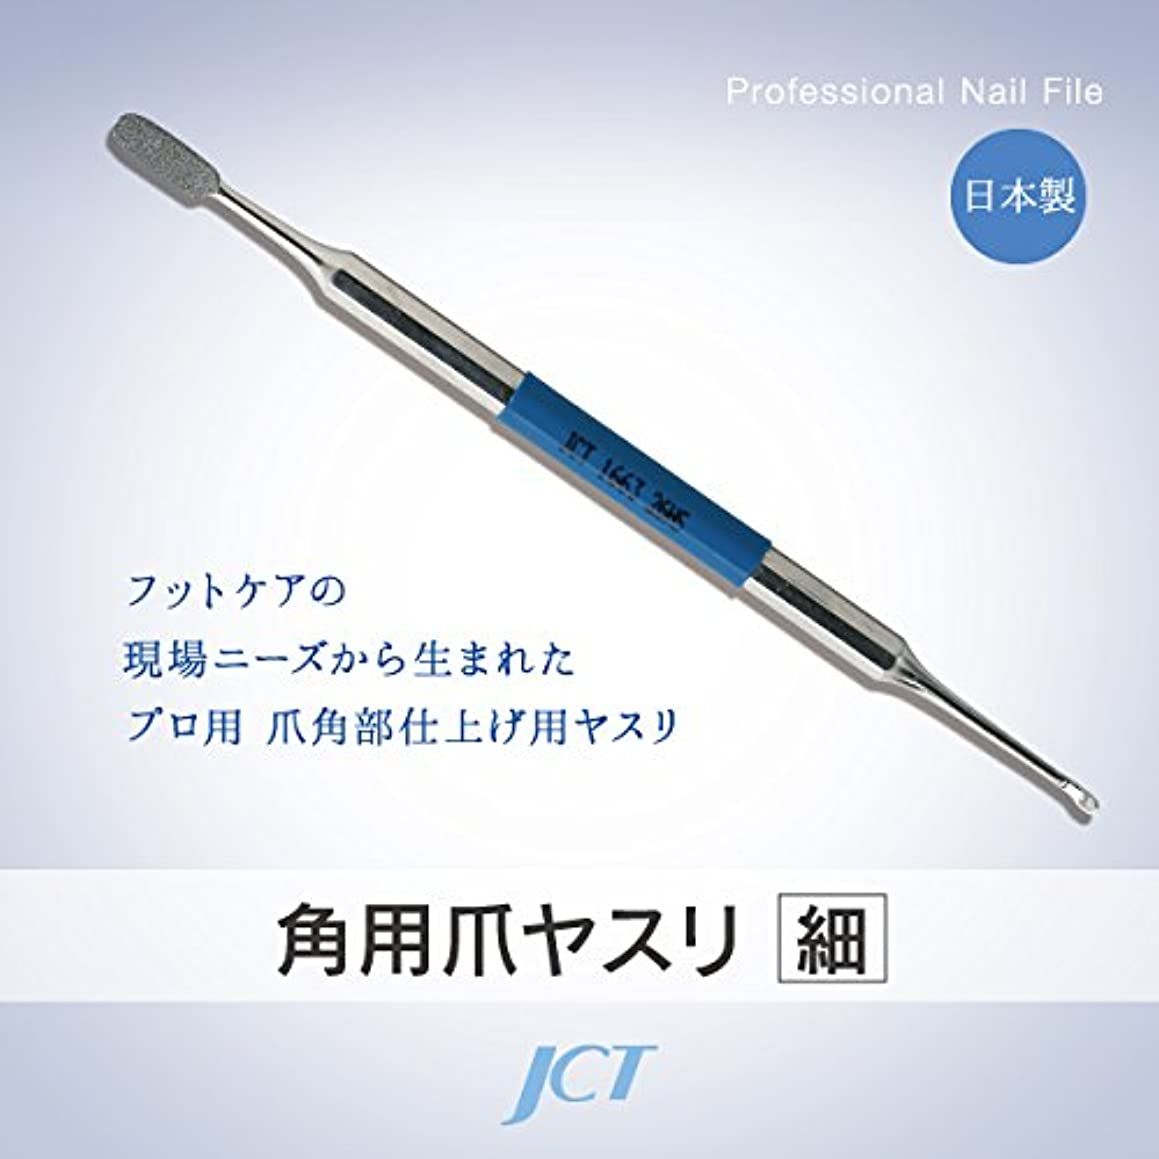 酸化物デッキ水星JCT メディカル フットケア ダイヤモンド角用爪ヤスリ(細) 滅菌可 日本製 1年間保証付